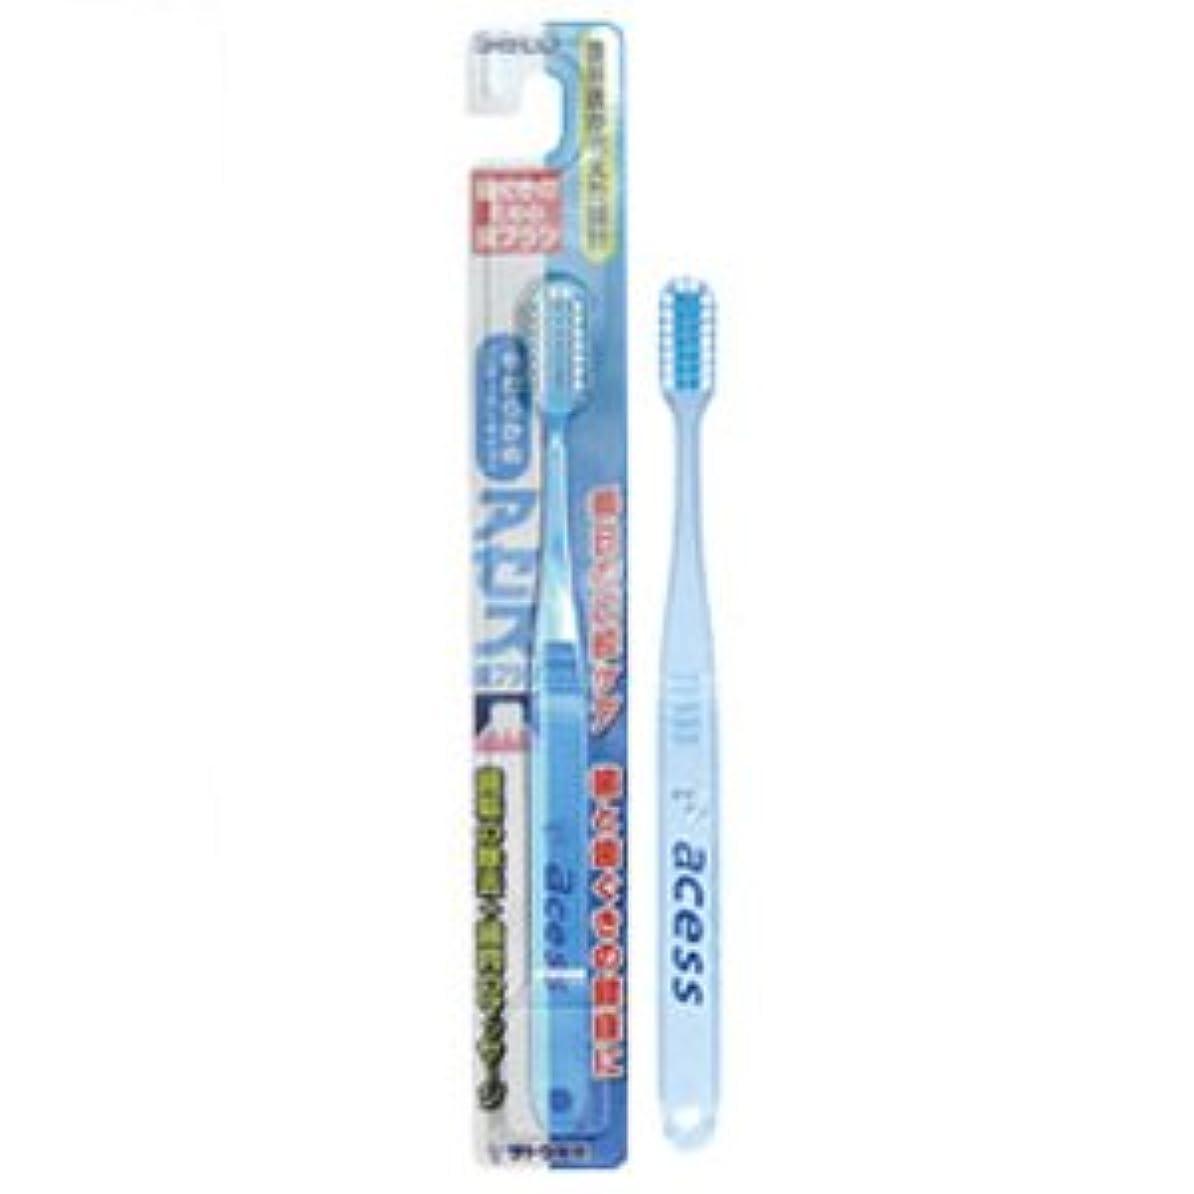 量でテープナットアセス歯ブラシ やわらかめ(レギュラータイプ) ブルー 12本